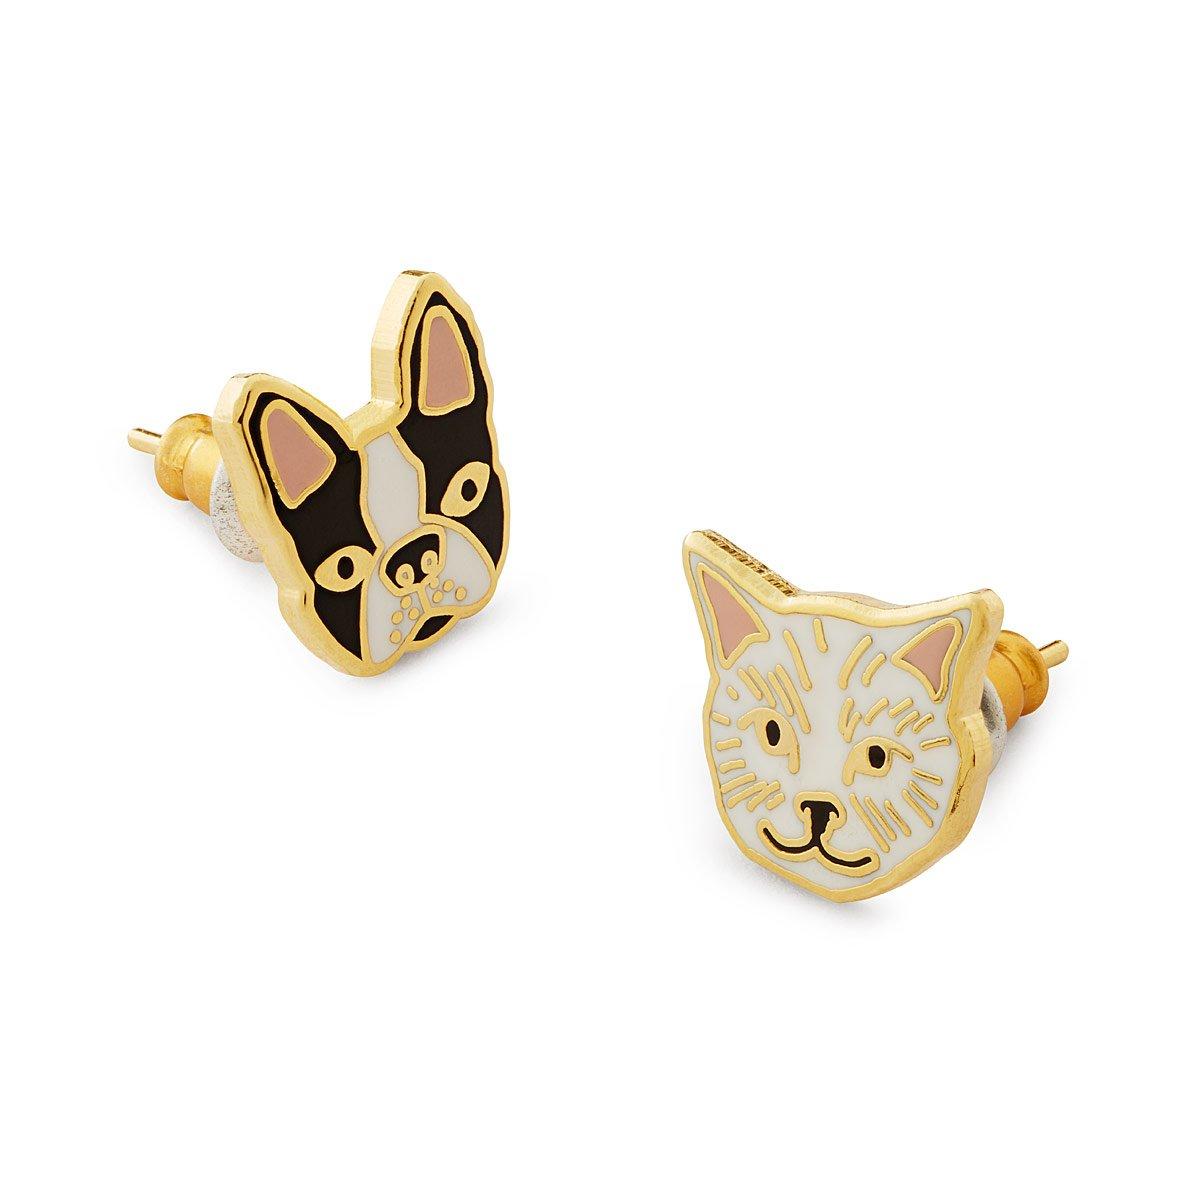 Cat & Dog Mismatched Earrings | enameled earrings, dog earrings, cat ...